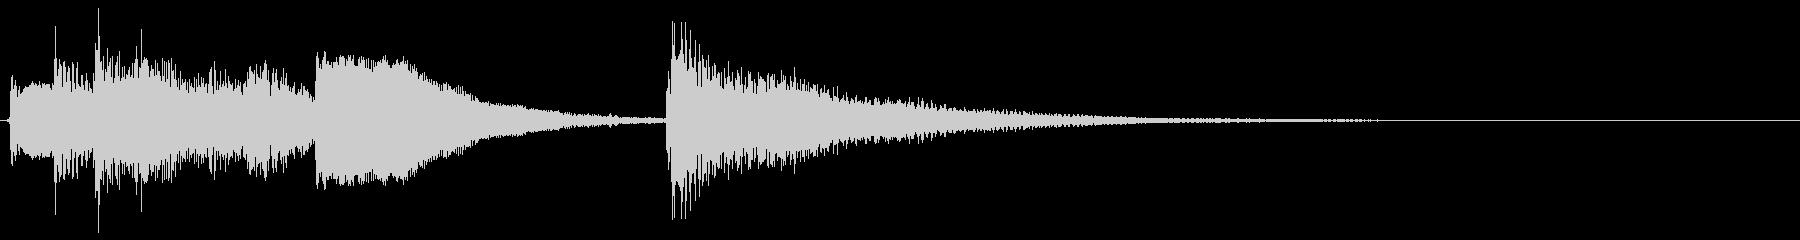 生音ギターのジングル/サウンドロゴ2の未再生の波形